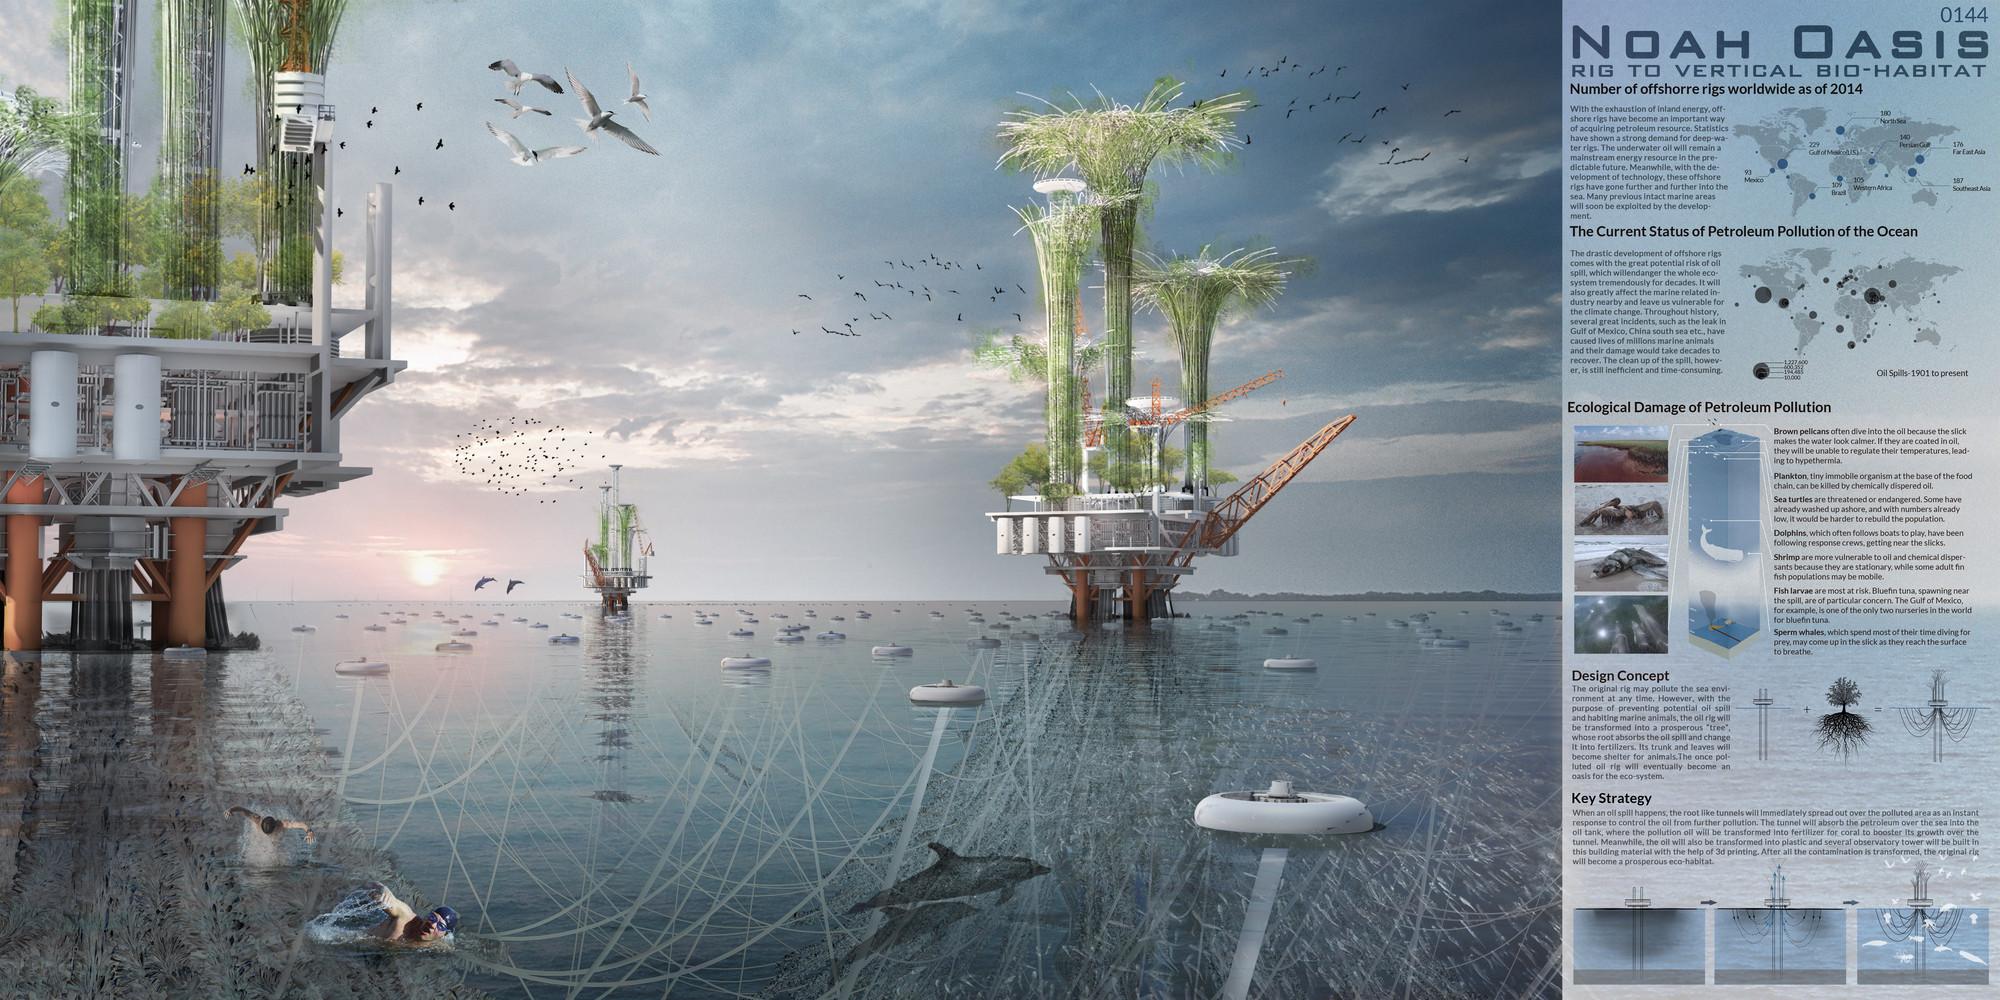 """Mención honrosa: """"Noah Oasis: Rig to Vertical Bio-Habitat"""" / Ma Yidong, Zhu Zhonghui, Qin Zhengyu, Jiang Zhe.  Imagen cortesía de eVolo"""